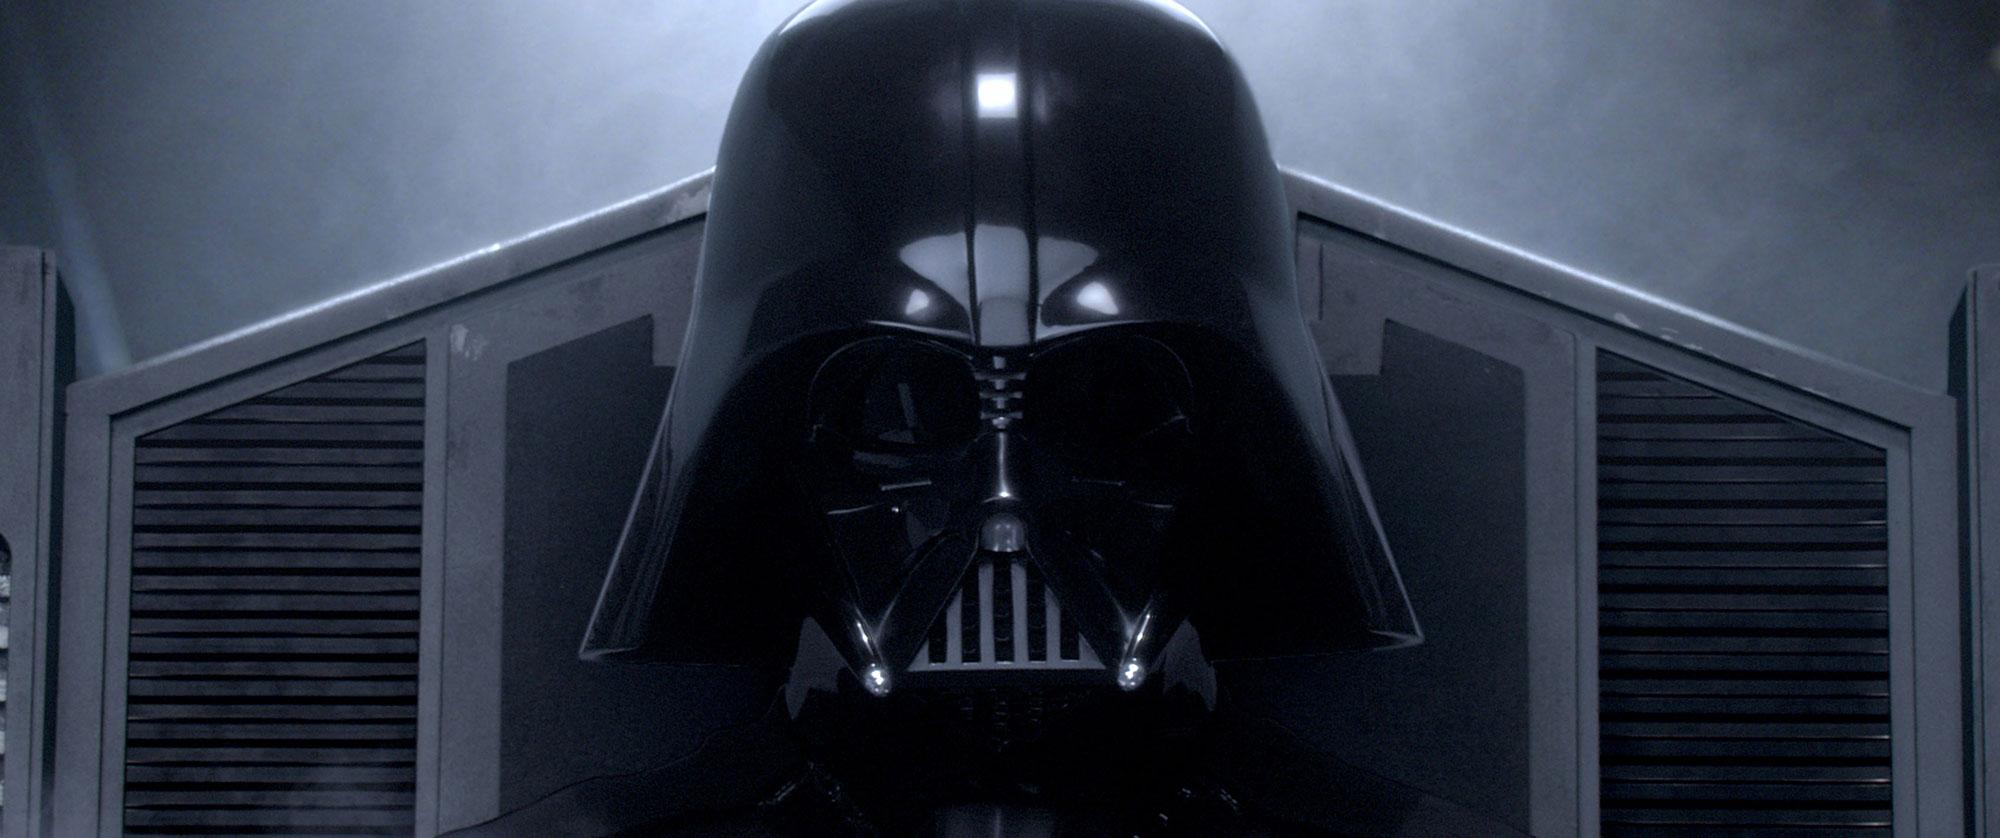 Noje_191206_Star-wars_Darth-Vader